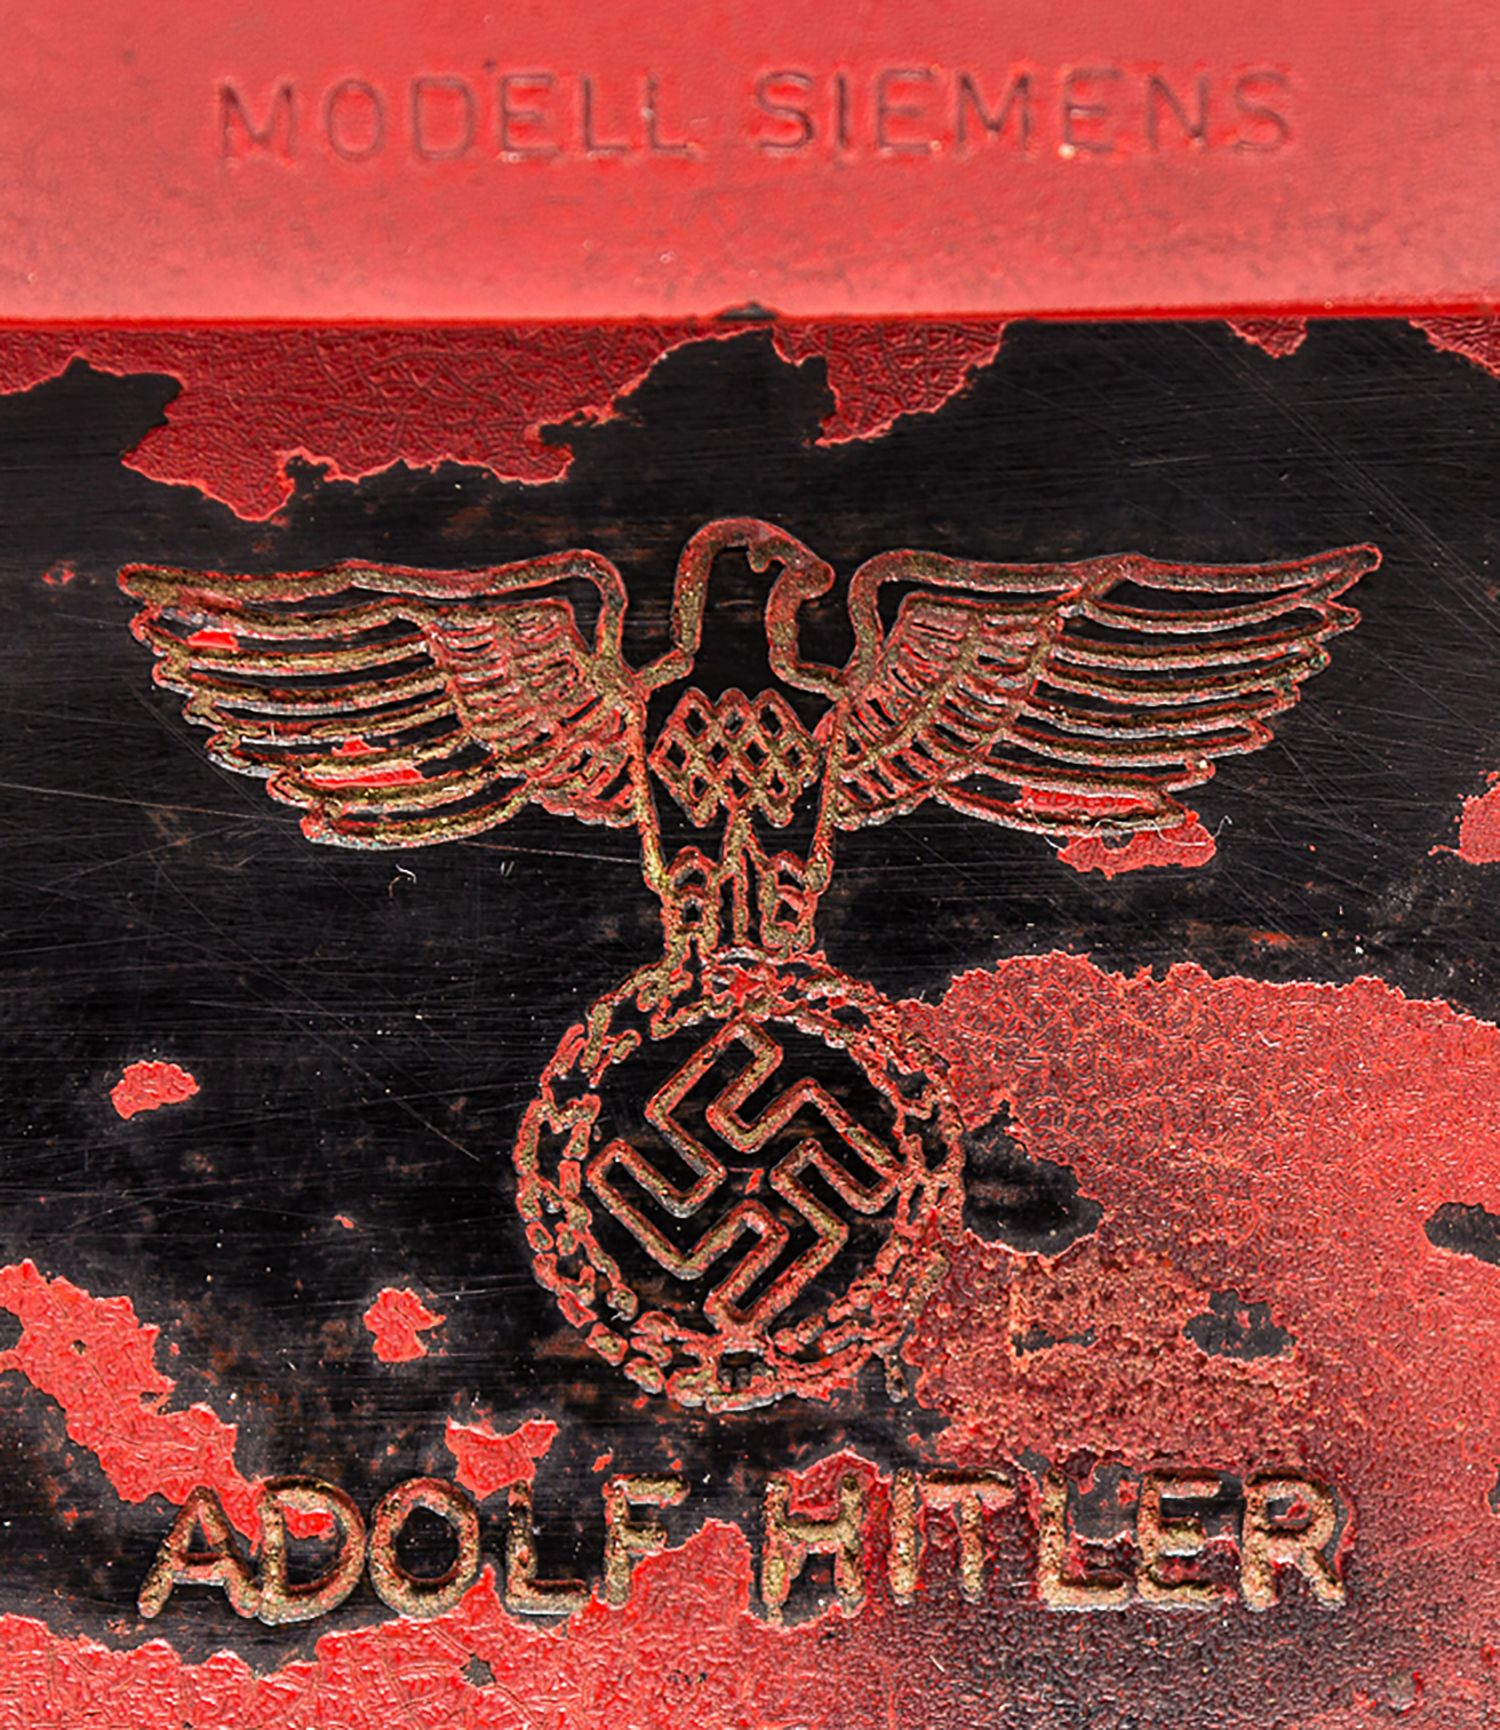 525184 %D9%87%D8%A7%D8%AA%D9%81 %D9%87%D9%8A%D8%AA%D9%84%D8%B1  (2) - Venden un arma letal: el teléfono de Hitler por 243.000 dólares